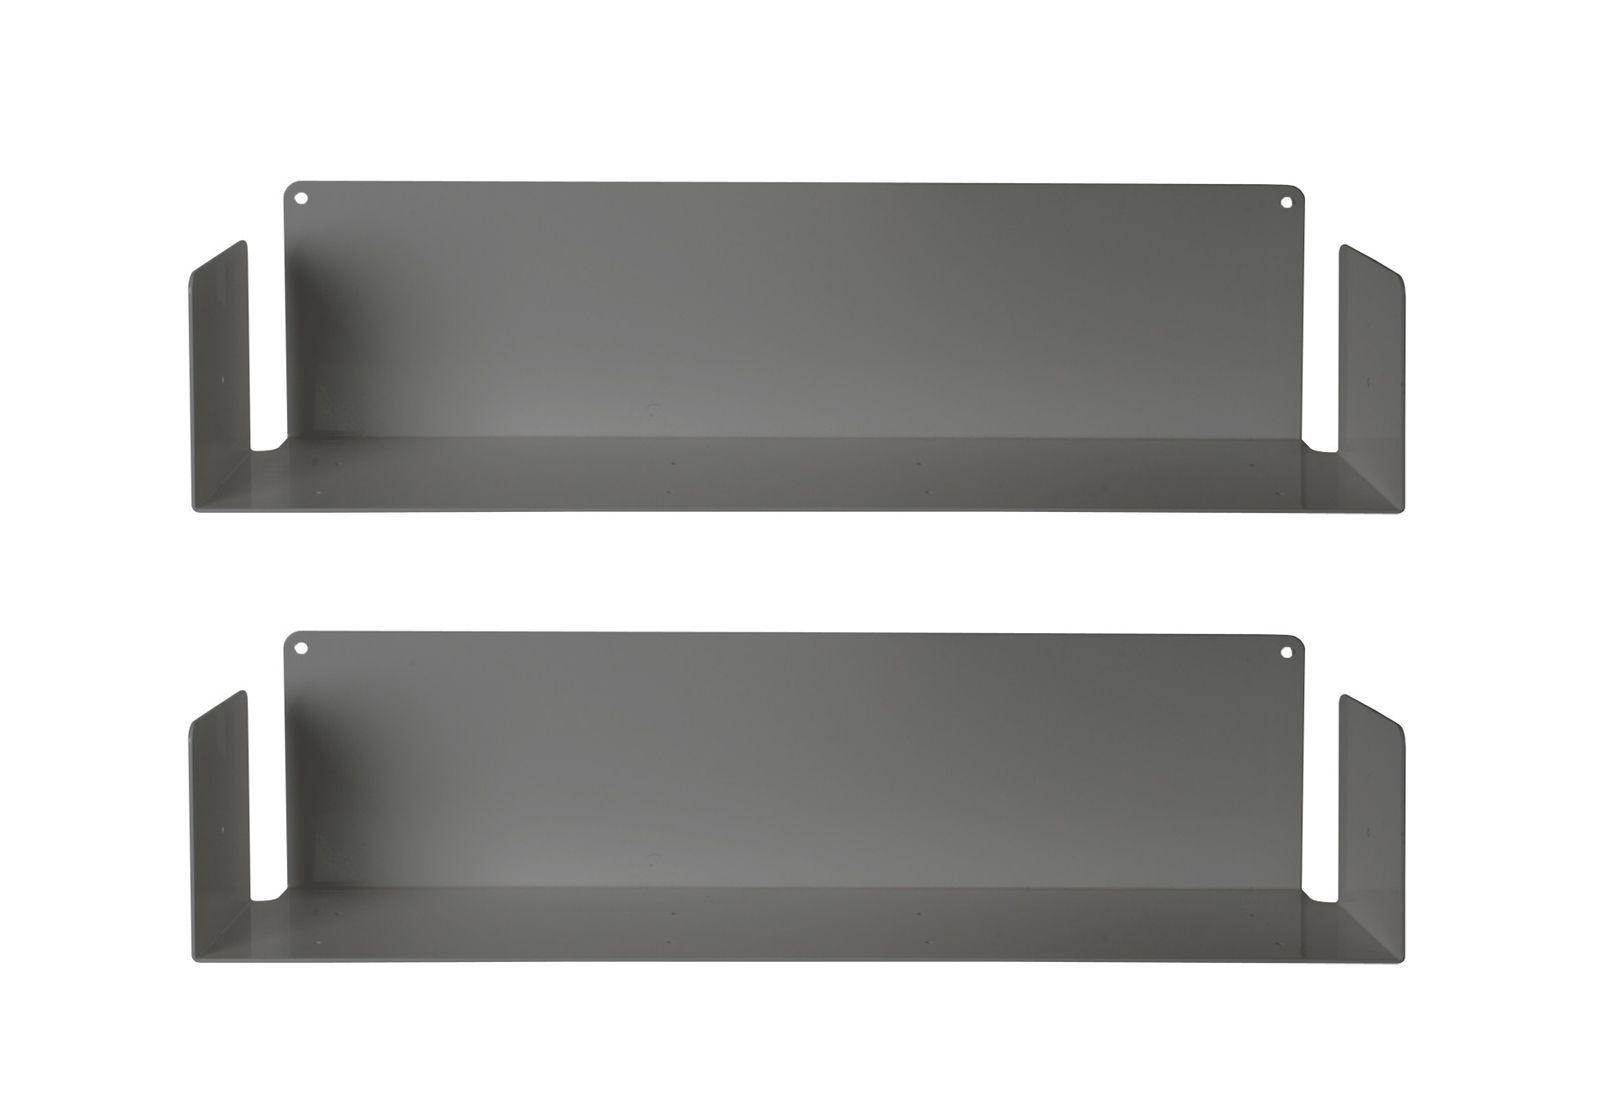 Set of 2 UCD - CD shelves